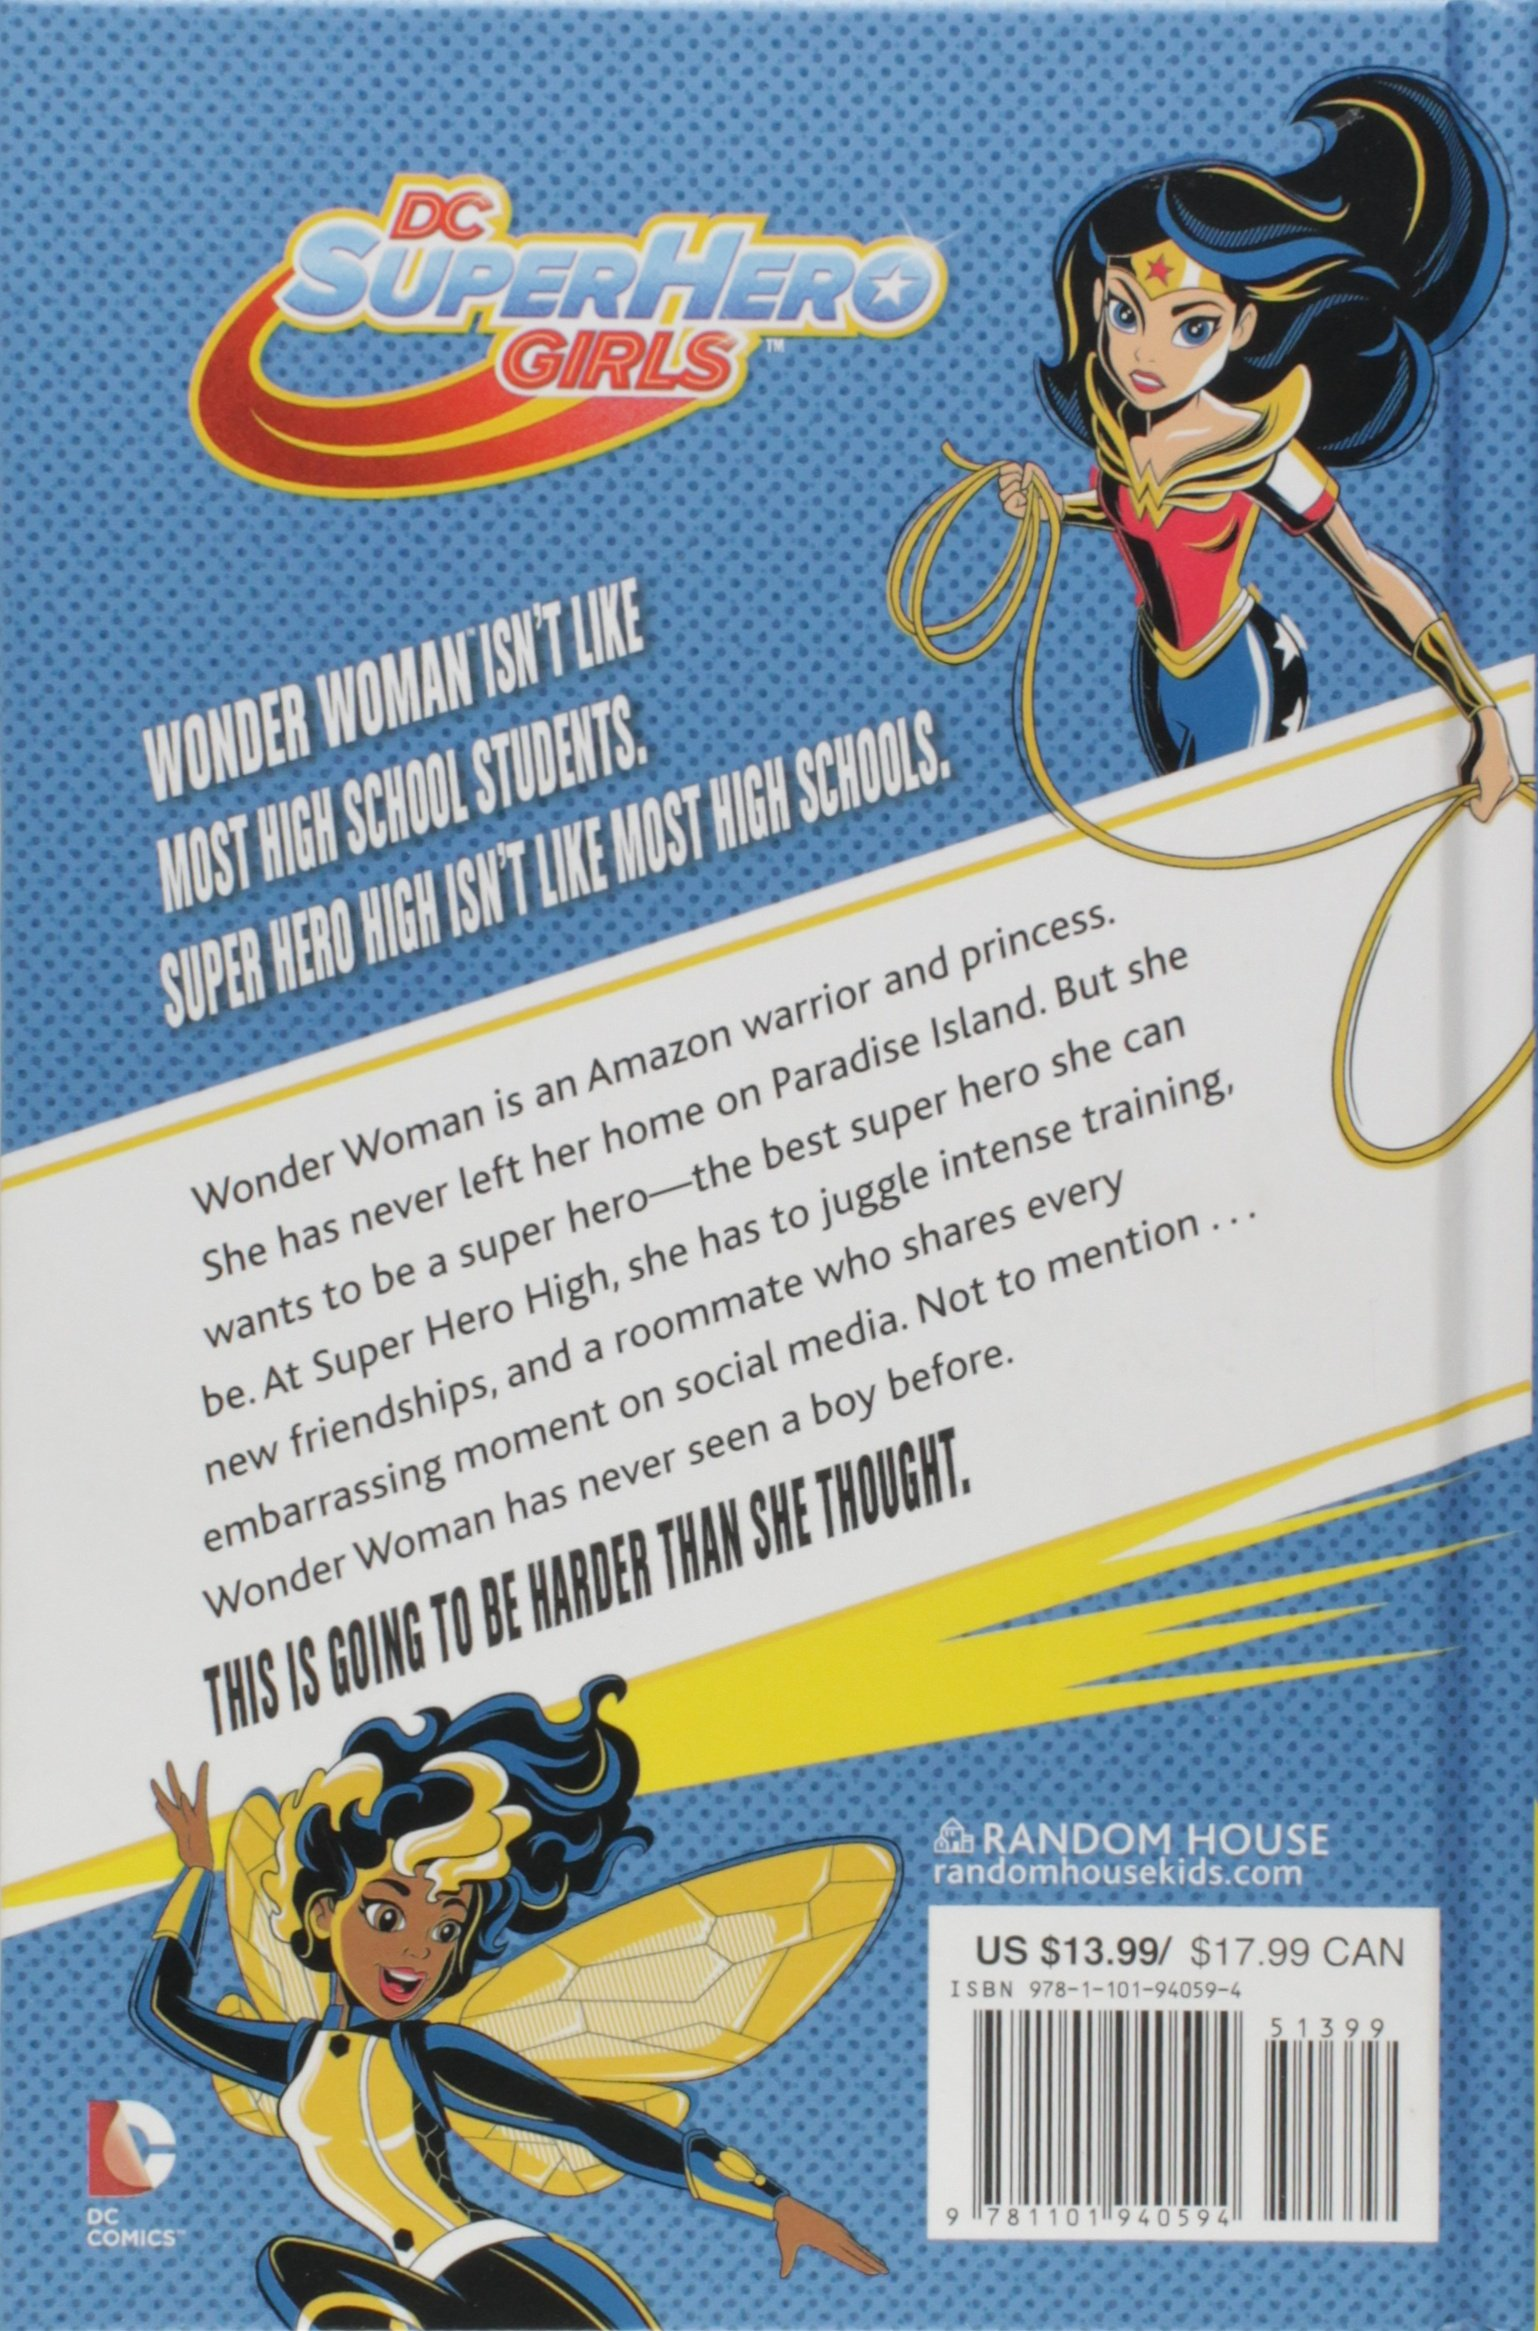 21cbefdb0c432 Wonder Woman at Super Hero High (DC Super Hero Girls): Lisa Yee ...